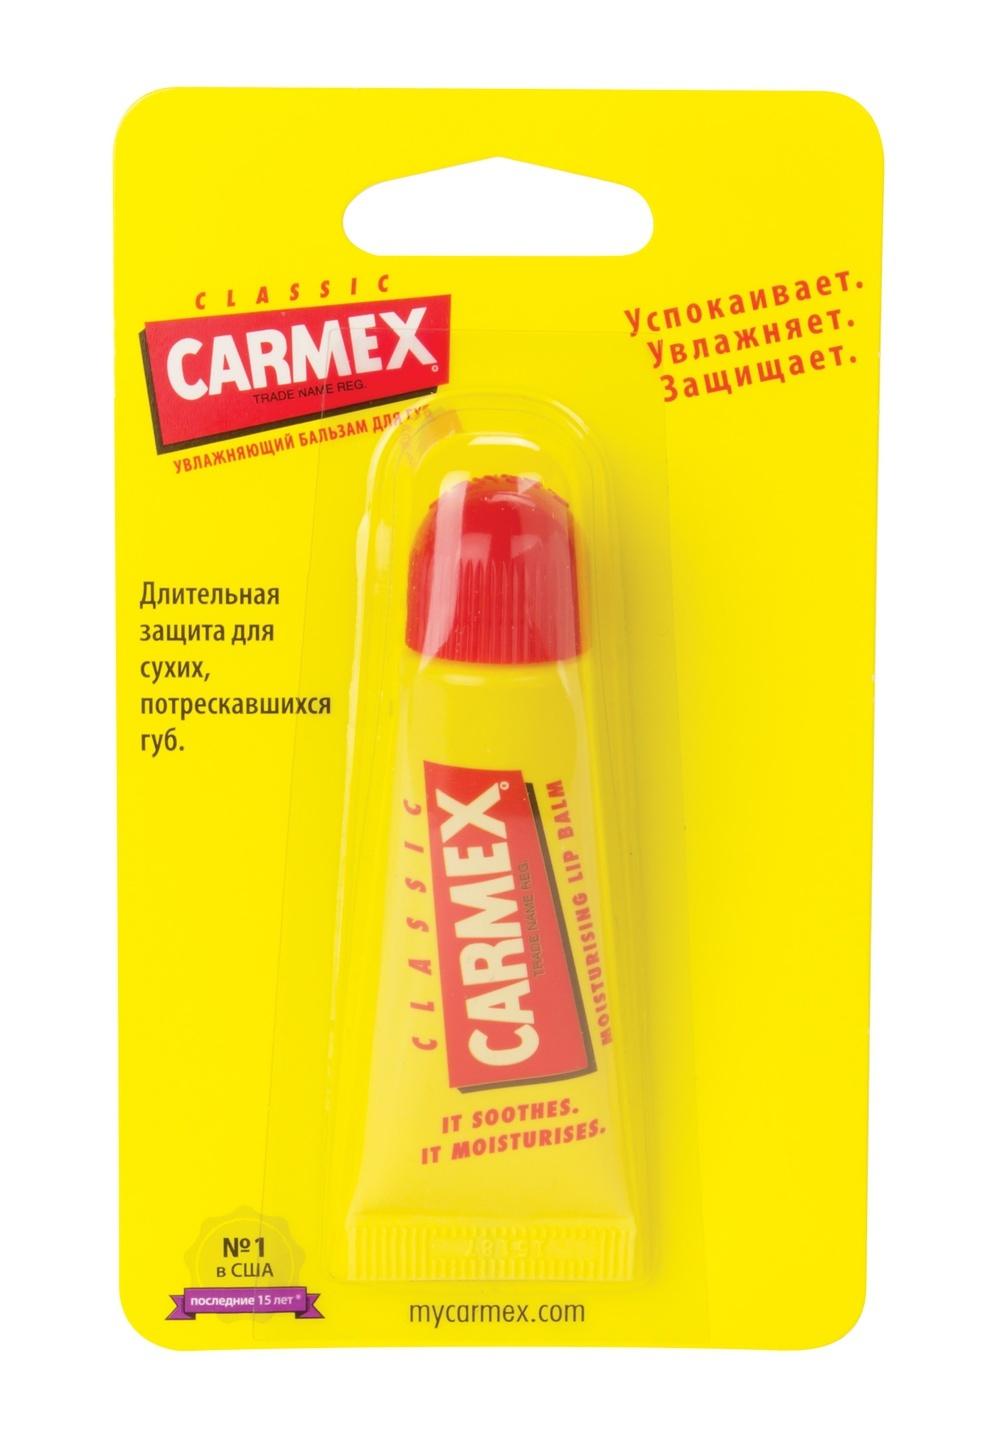 Бальзам для губ Carmex ® классический,туба в блистере